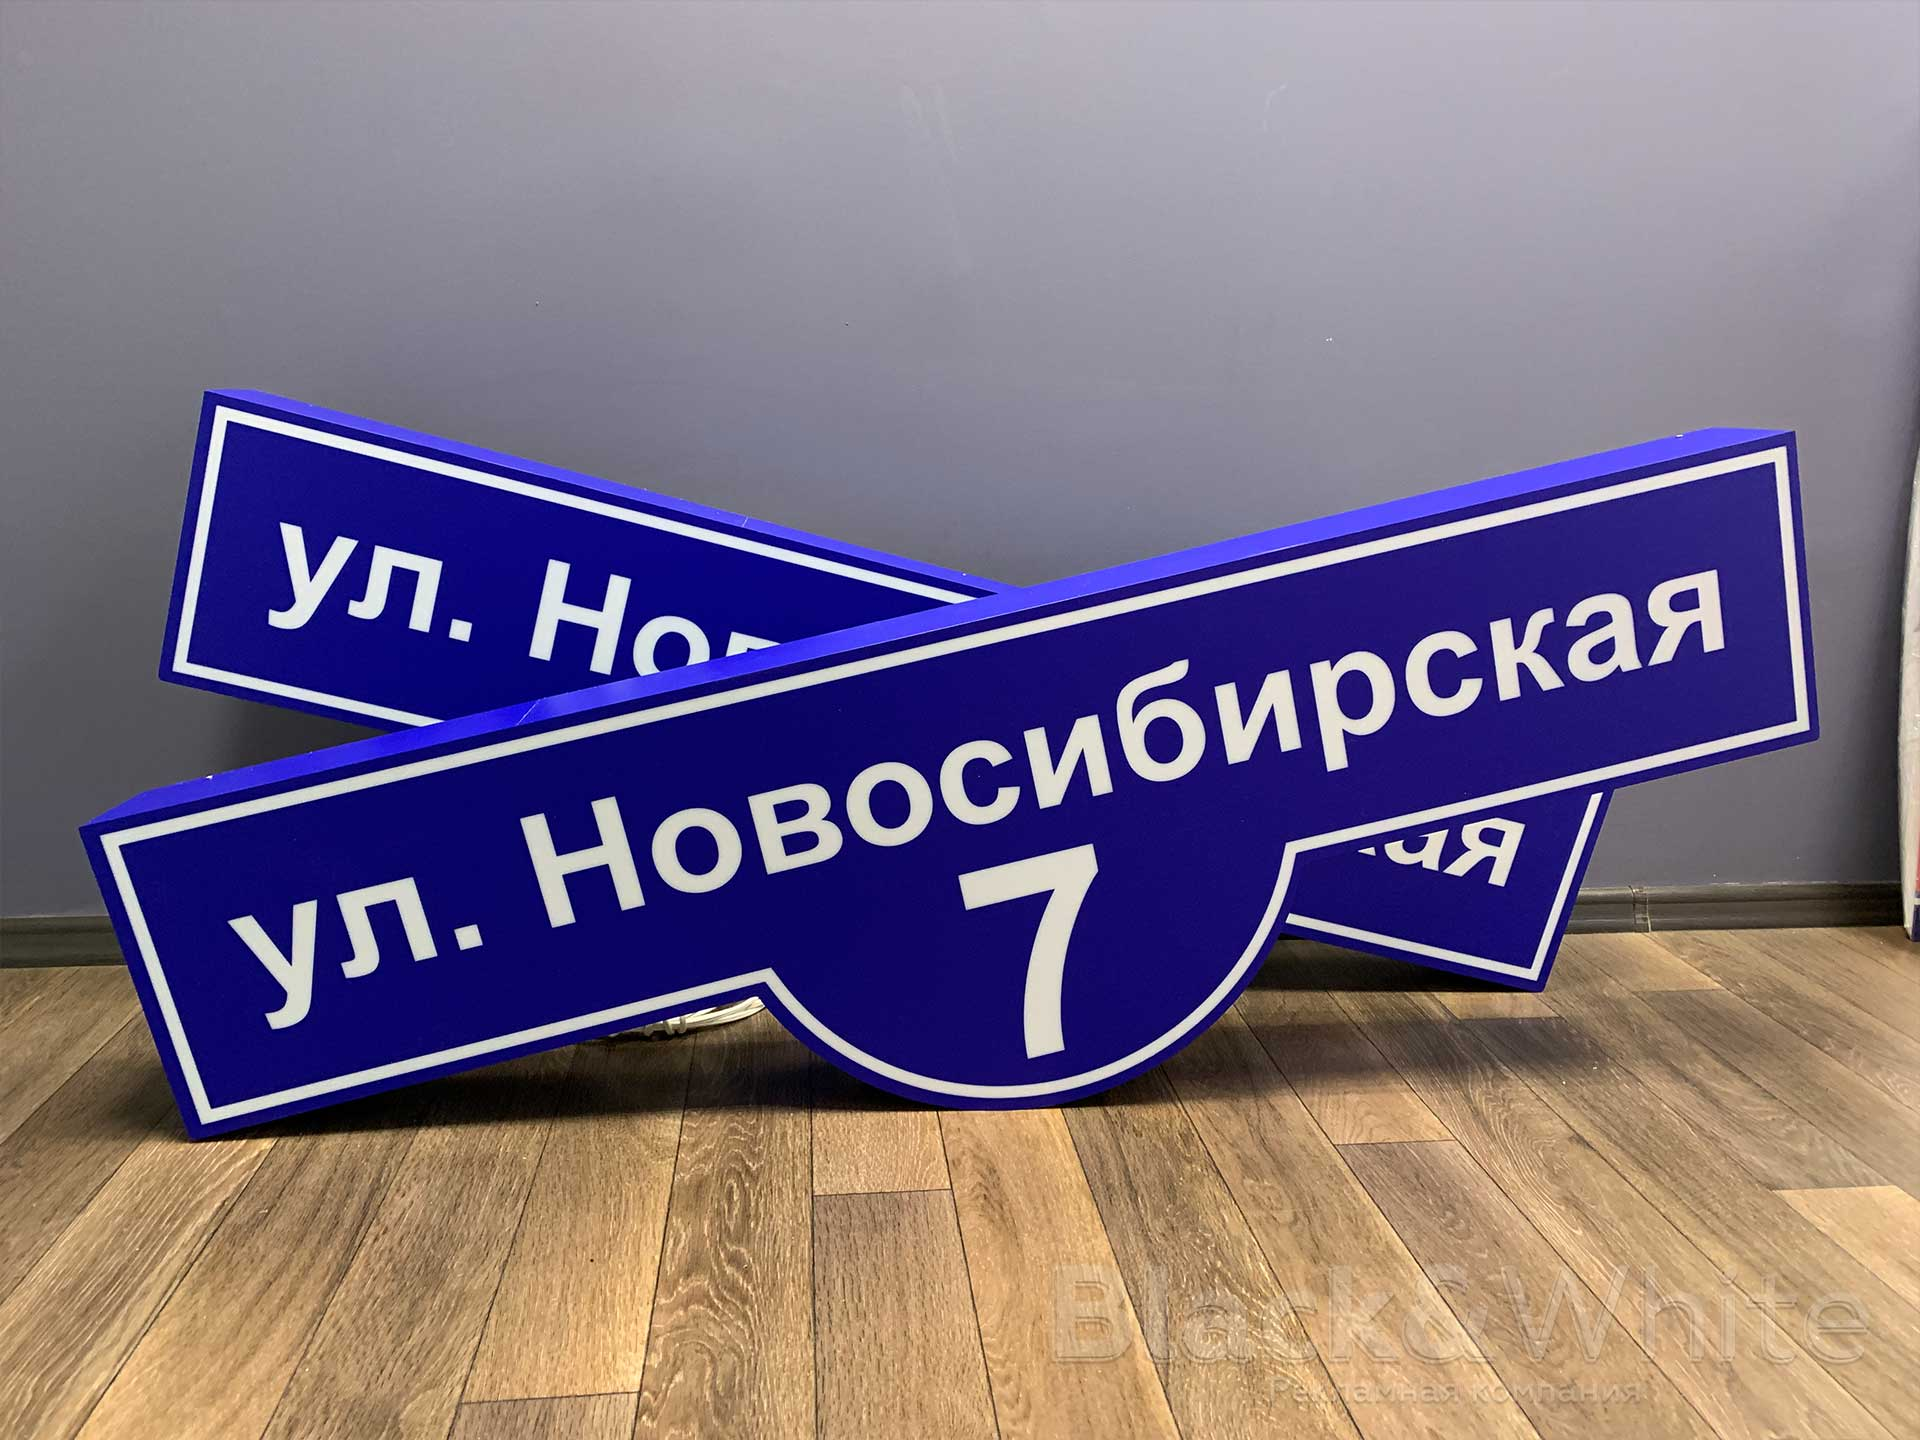 Адресные-световые-таблички-домовые-знаки-световой-короб-красноярск-bw.jpg